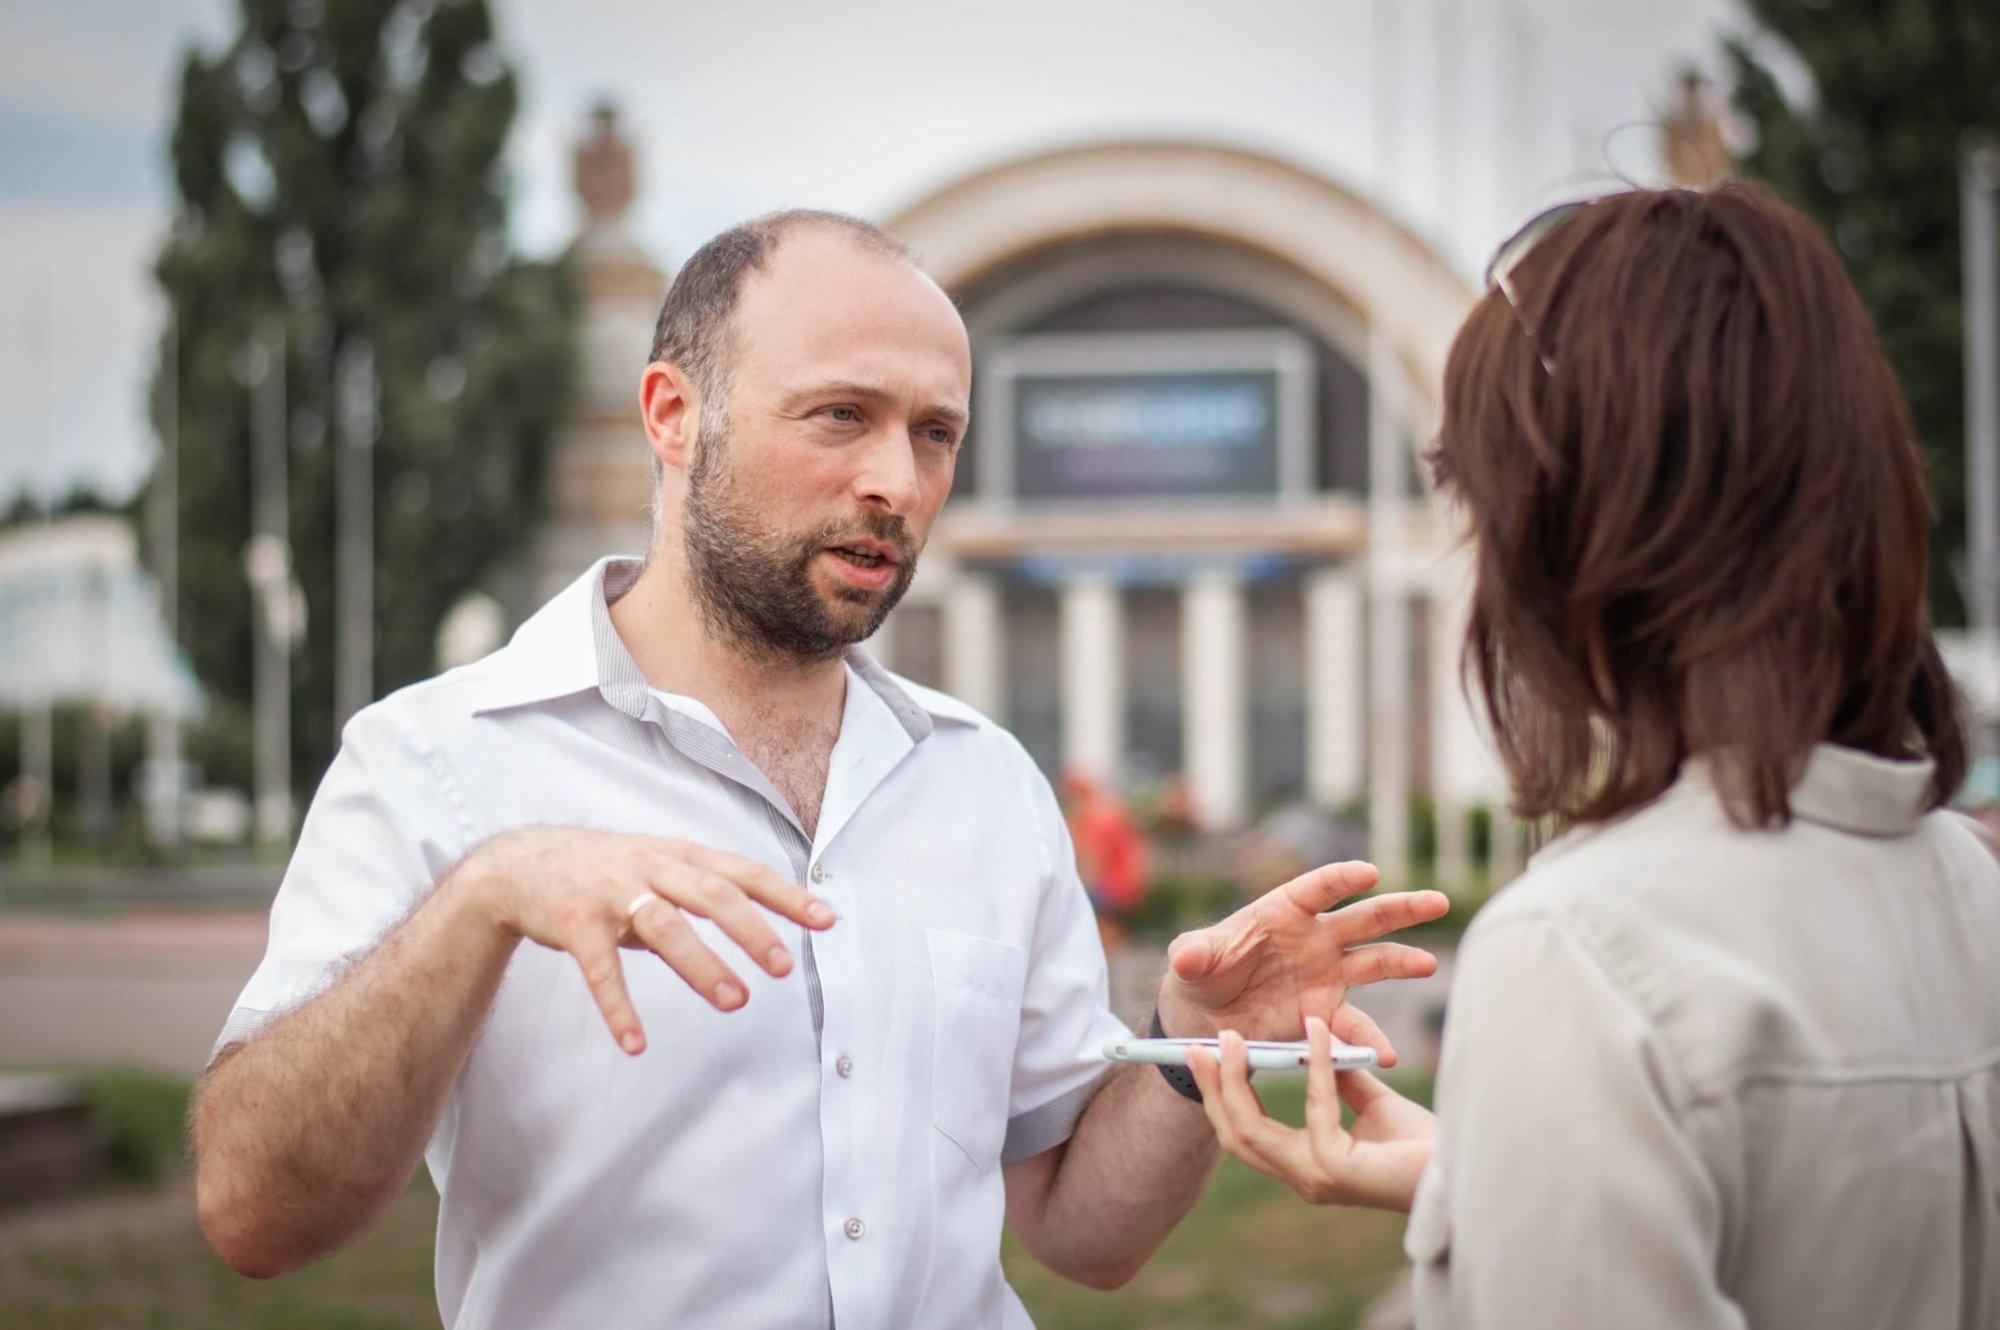 Євген Мушкін: Сьогодні можна сміливо назвати ВДНГ головним подієвим майданчиком України